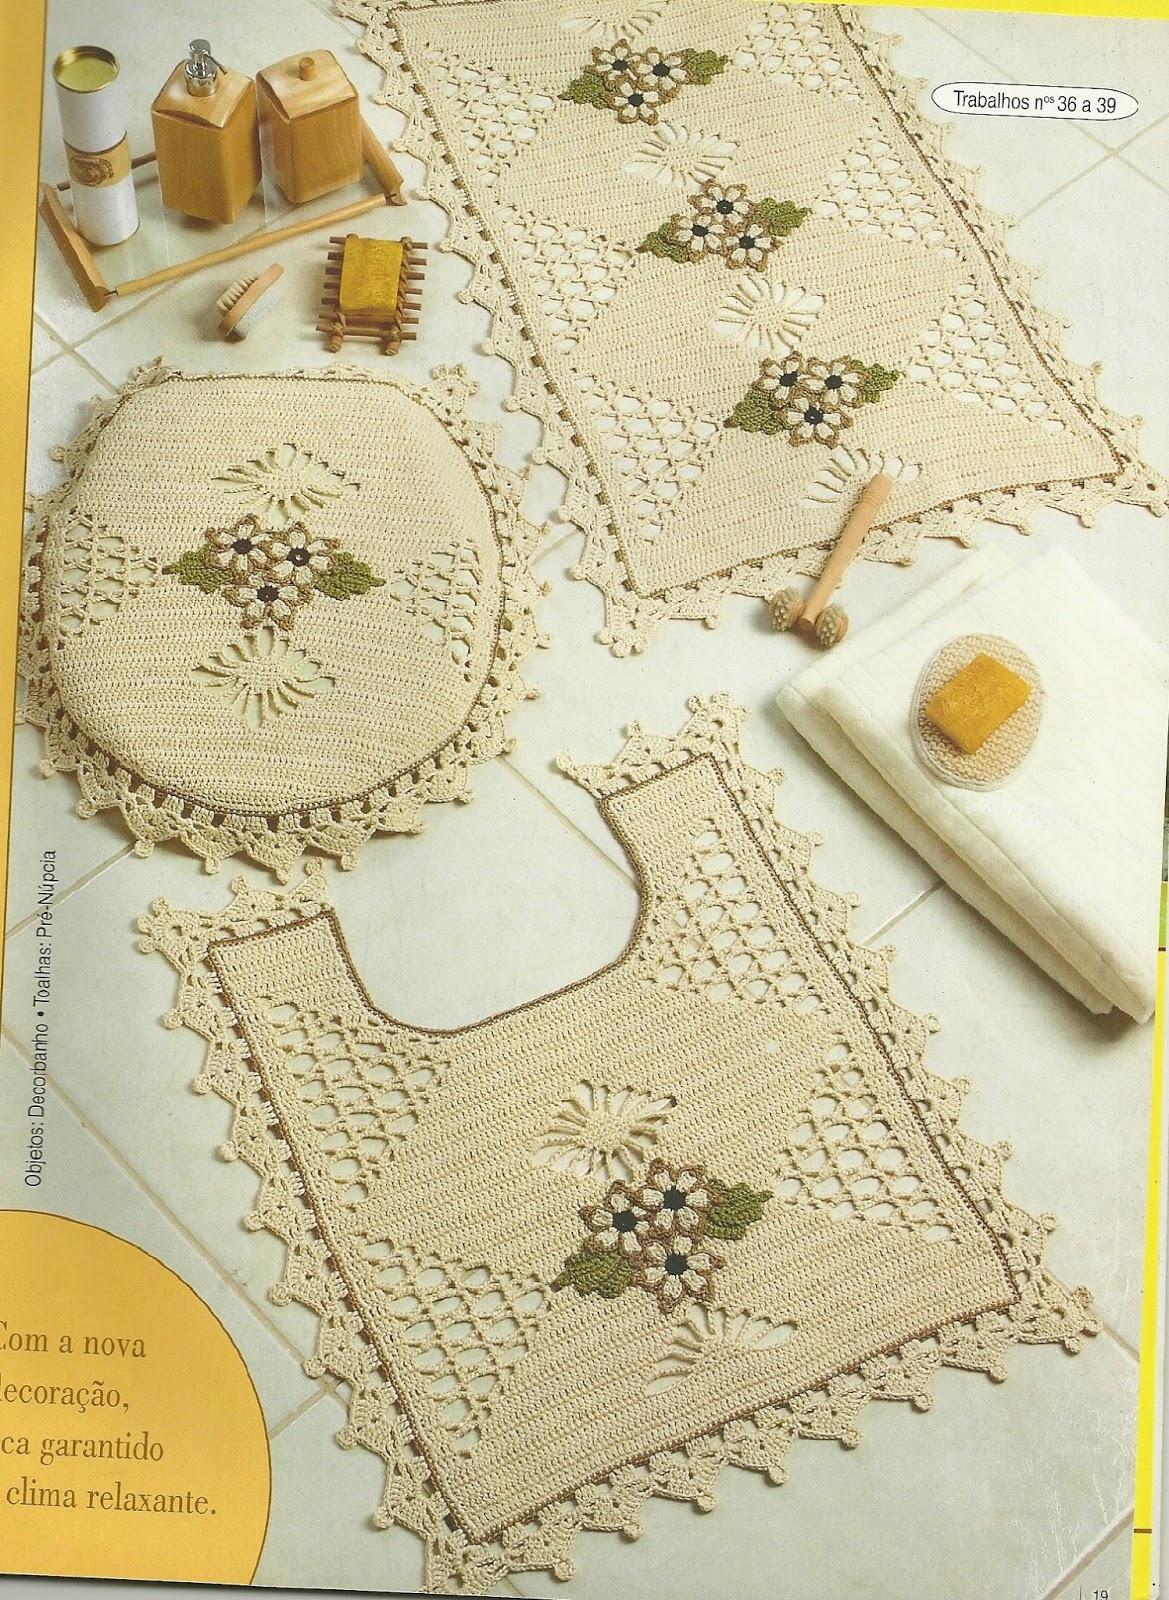 Fazendo Arte: Passo a Passo Crochê: Jogos de Banheiro Prazer em Casa #AF8A1C 1169 1600